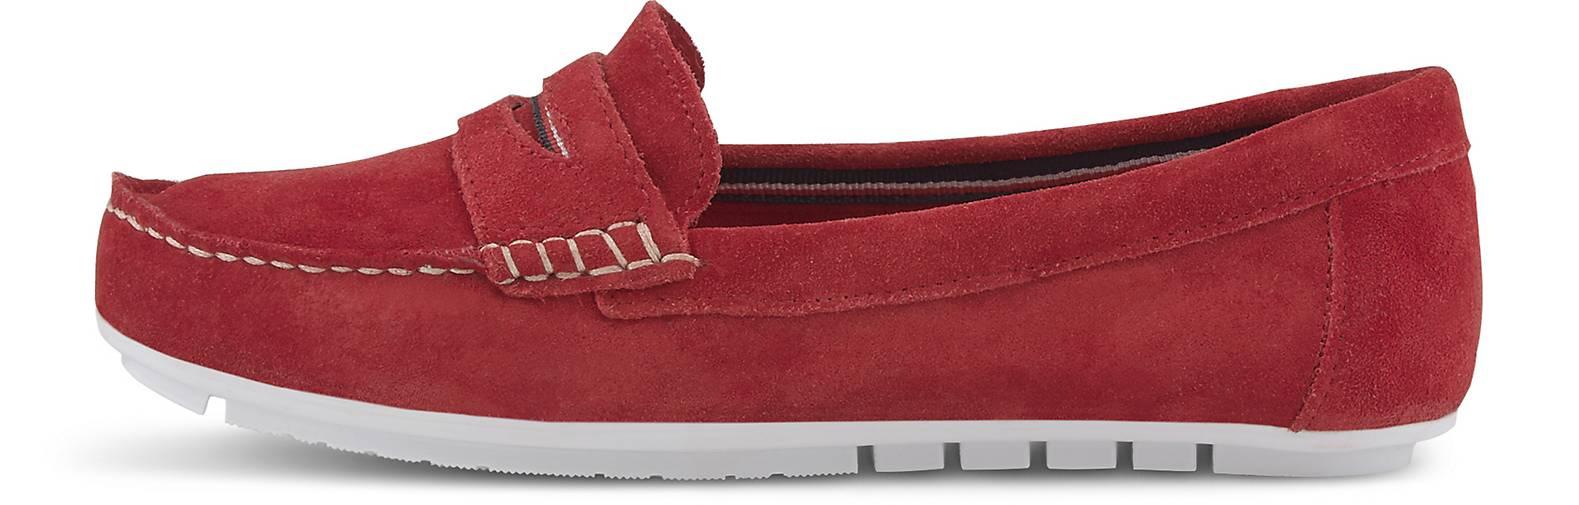 COX Komfort-Loafer